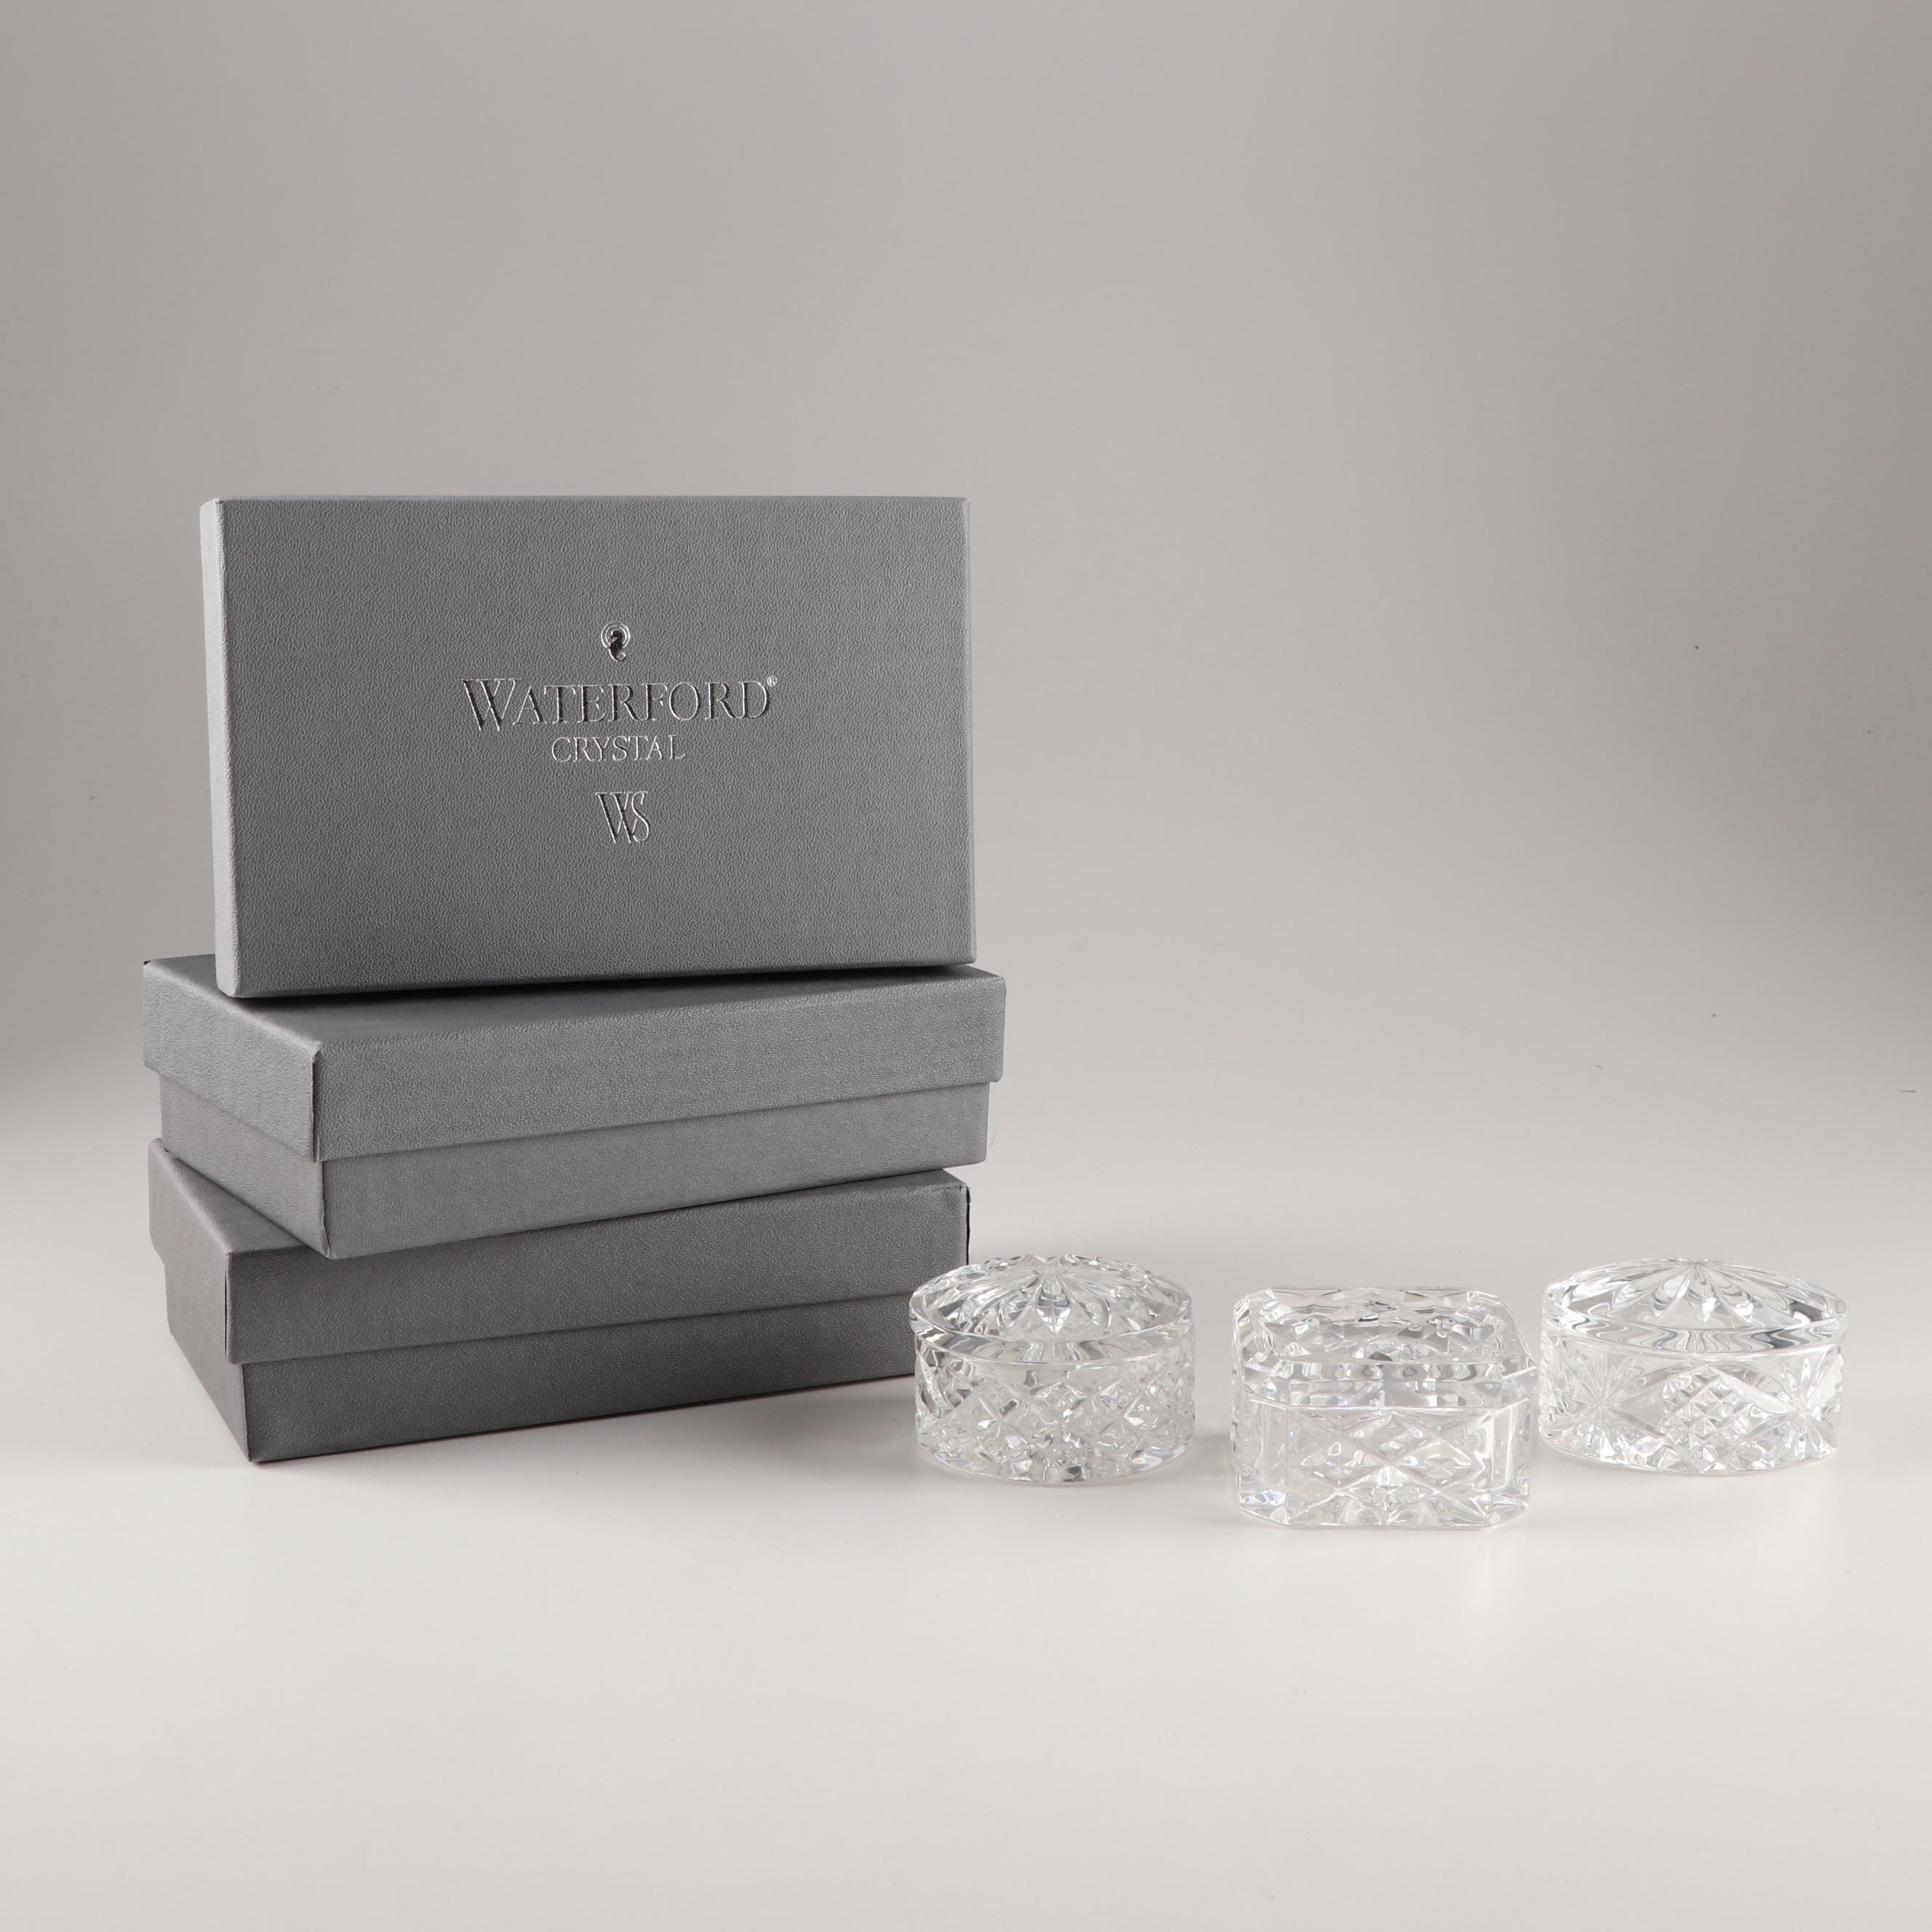 Waterford Crystal Trinket Boxes